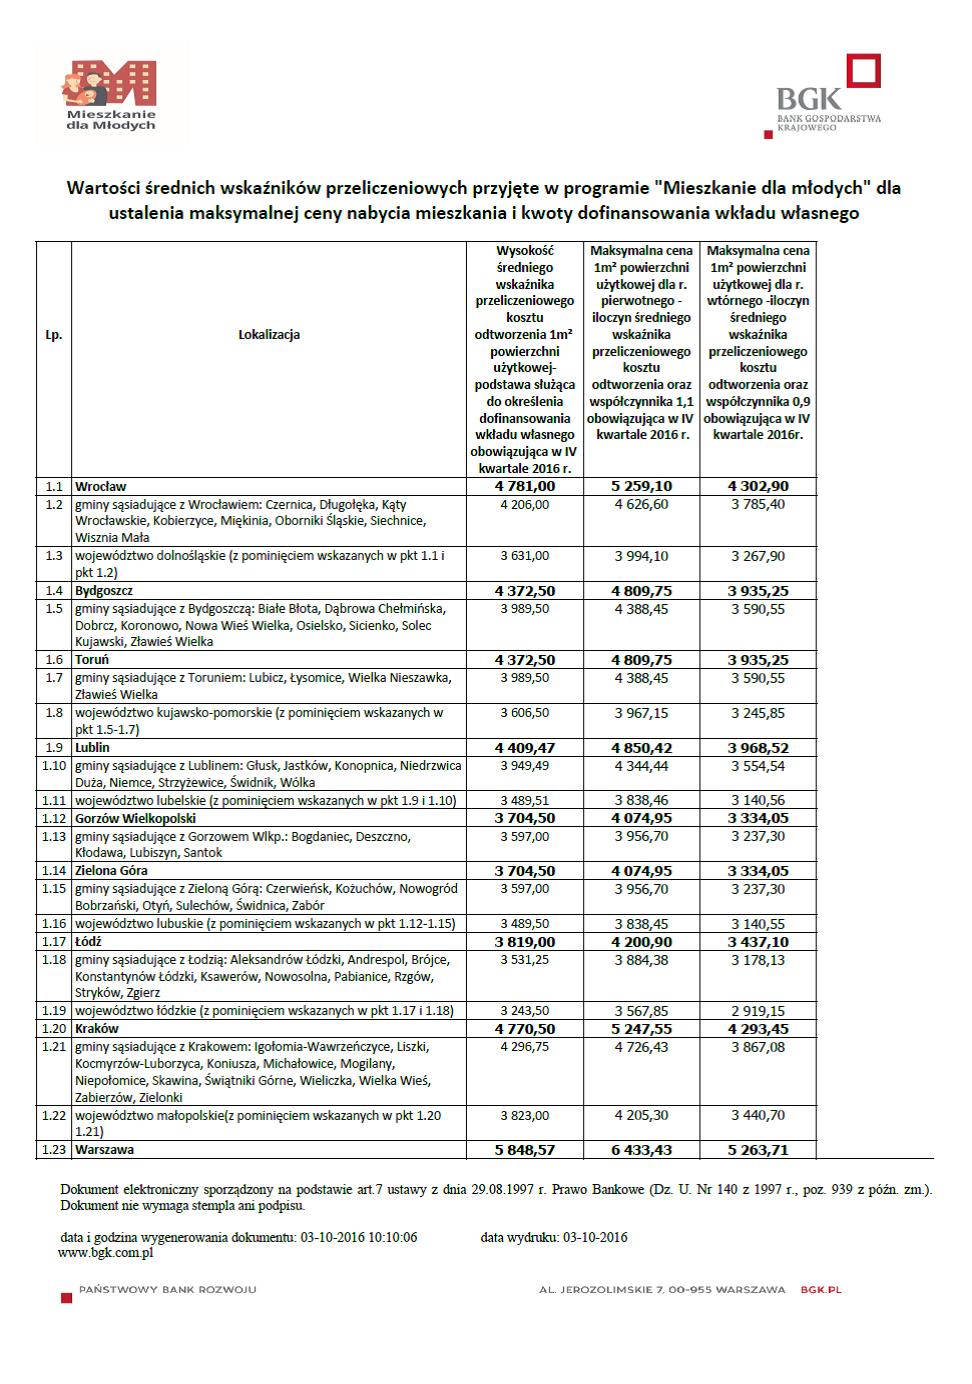 MdM – wskaźniki i limity w IV kwartale 2016r.